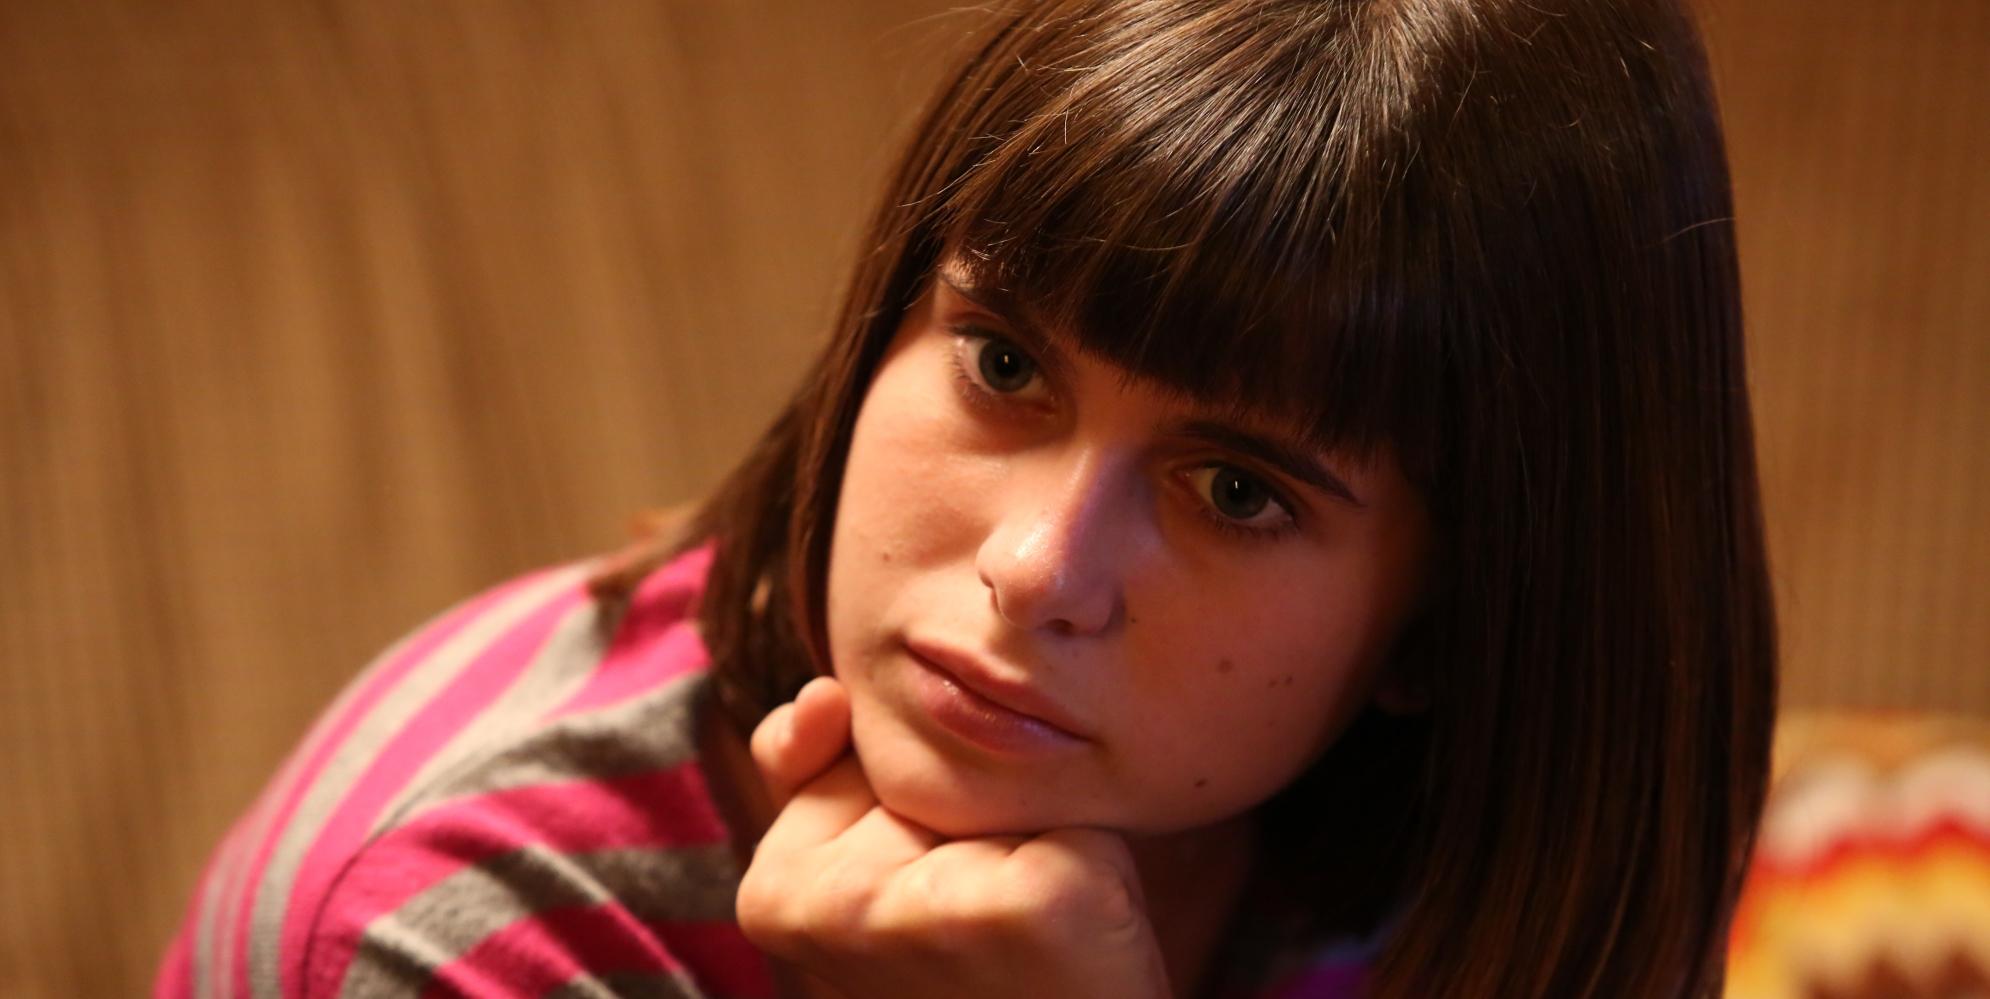 """<span class=""""entry-title-primary"""">Intervista a Carolina Signore: """"Al cinema in 'Appena un minuto'. Che maestra Loretta Goggi""""</span> <span class=""""entry-subtitle"""">La giovane attrice presenta il ruolo di Greta e racconta l'esperienza sul set del film di Francesco Mandelli e con Max Giusti, Loretta Goggi e Dino Abbrescia.</span>"""